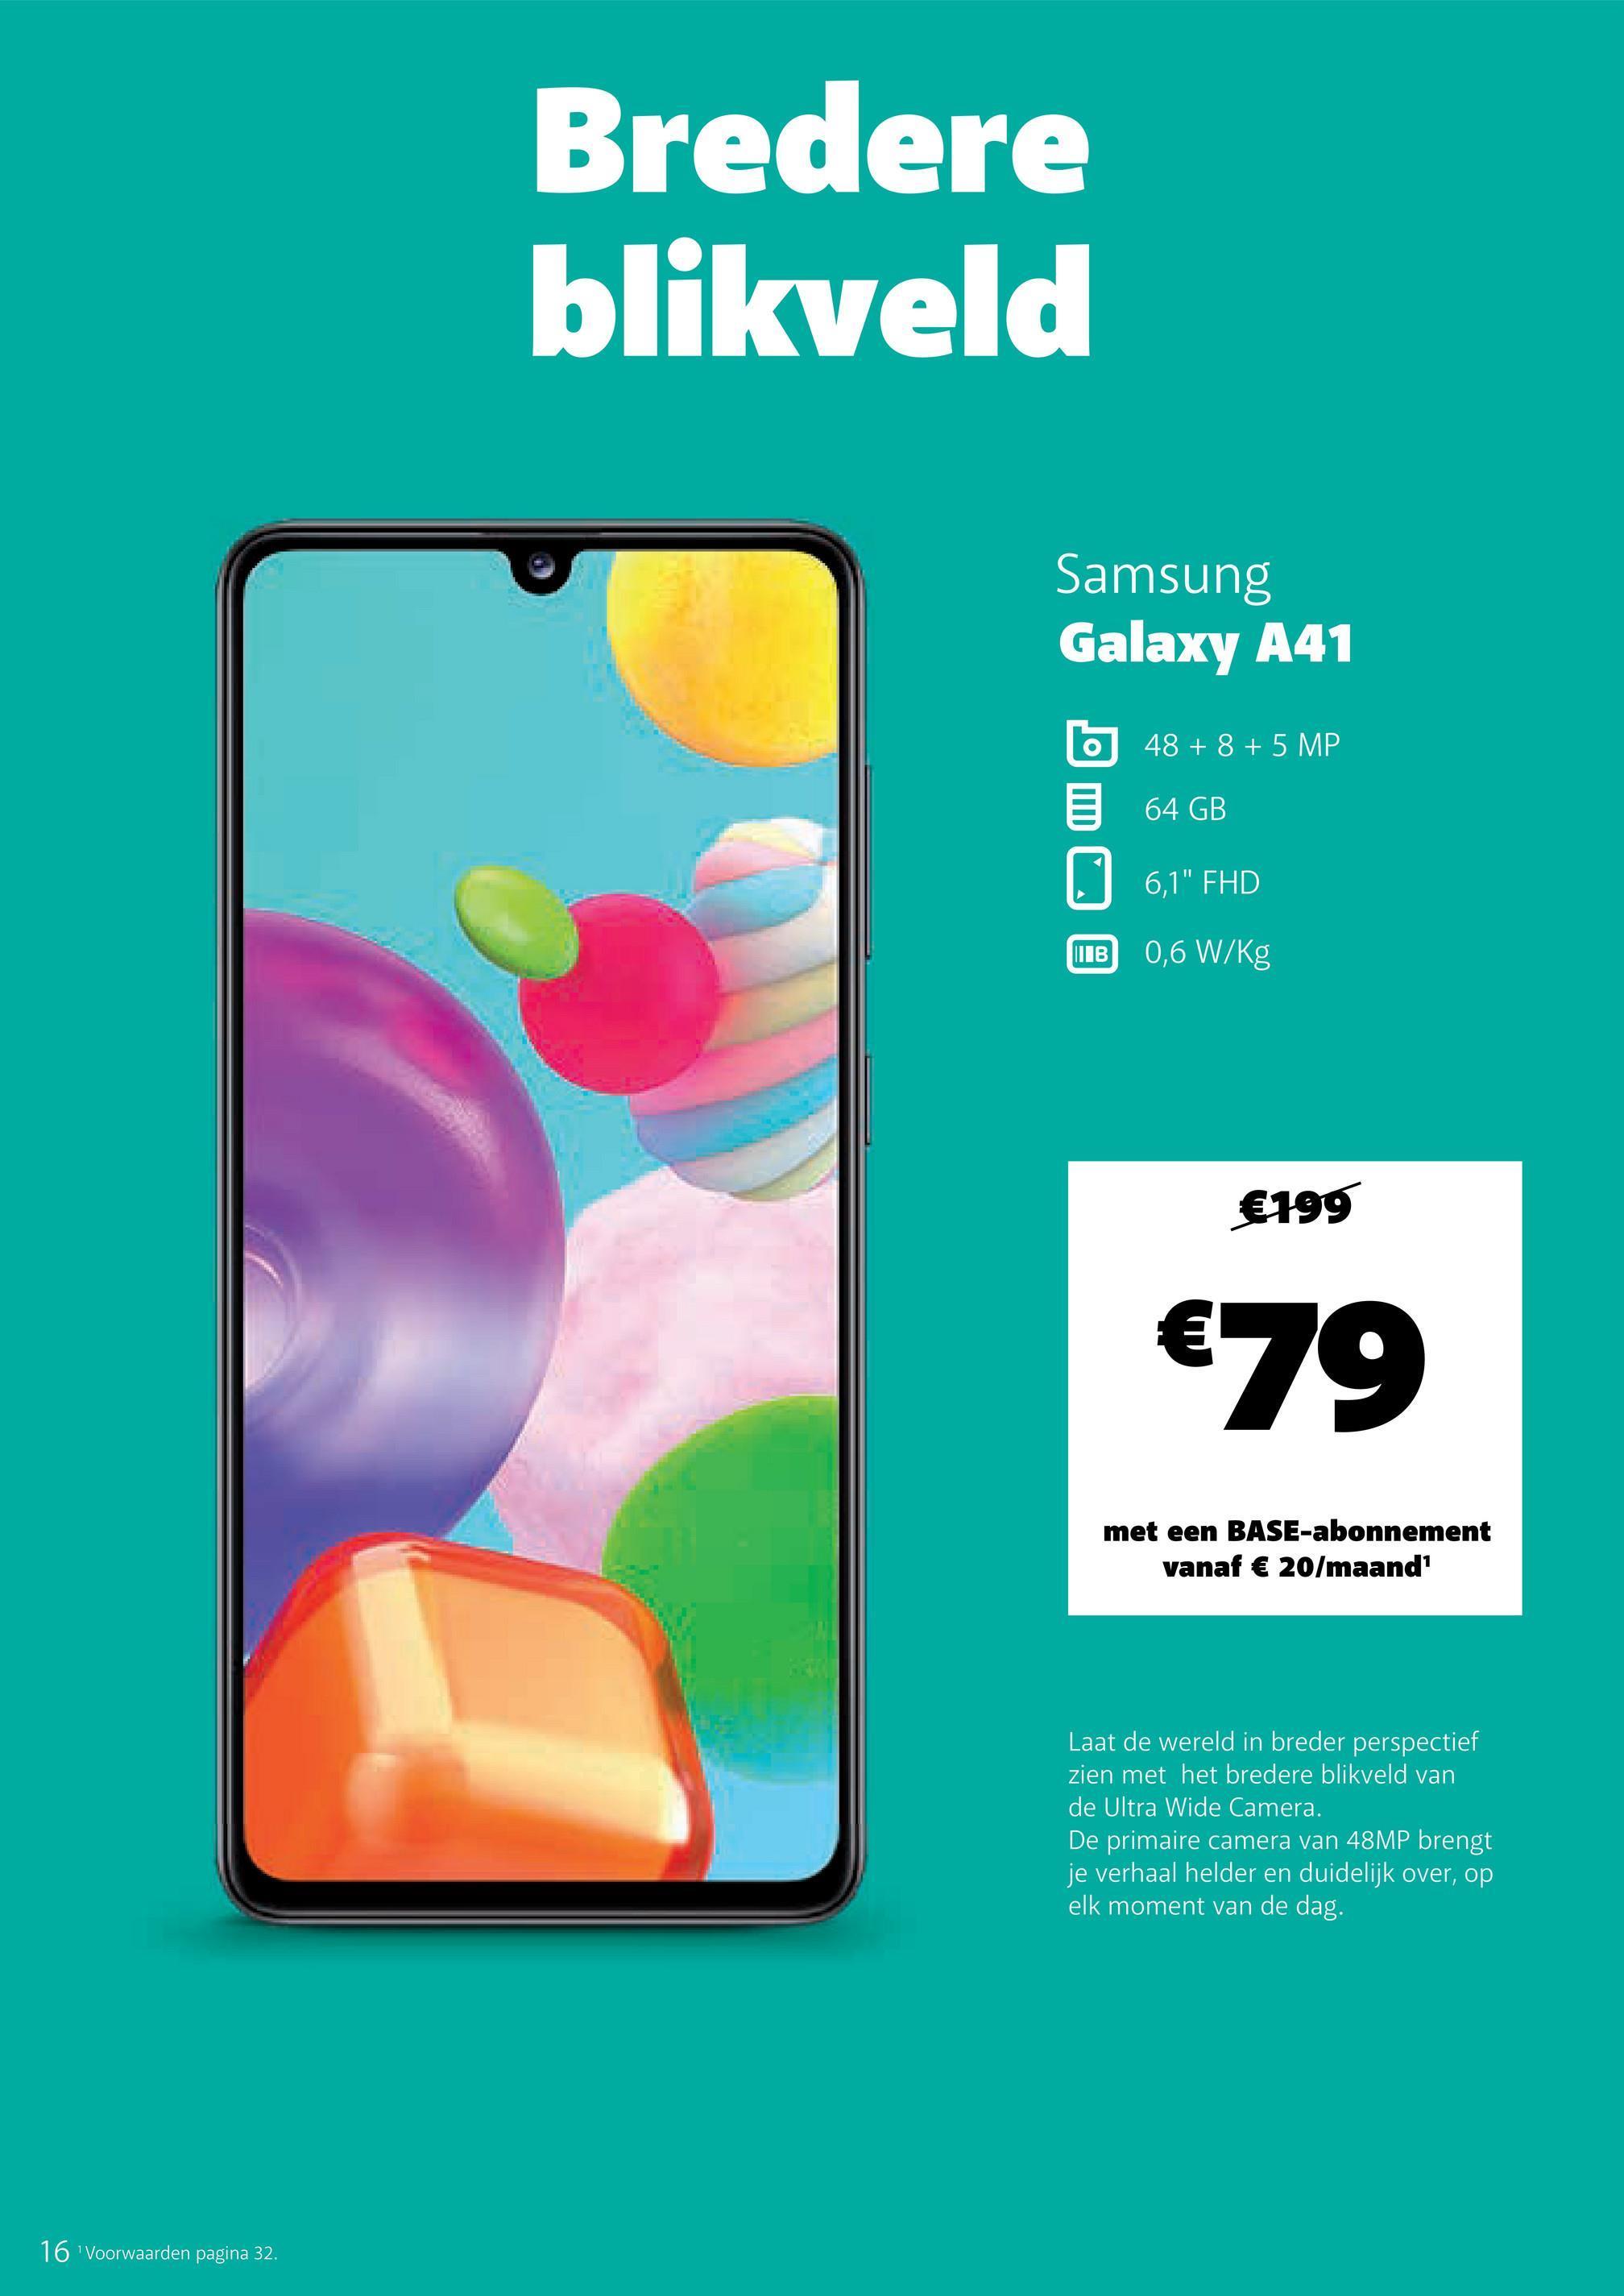 """Bredere blikveld Samsung Galaxy A41 O 48 + 8 + 5 MP 64 GB 0 6,1"""" FHD WIB 0,6 W/kg €199 €79 met een BASE-abonnement vanaf € 20/maand Laat de wereld in breder perspectief zien met het bredere blikveld van de Ultra Wide Camera. De primaire camera van 48MP brengt je verhaal helder en duidelijk over, op elk moment van de dag. 16 Voorwaarden pagina 32."""